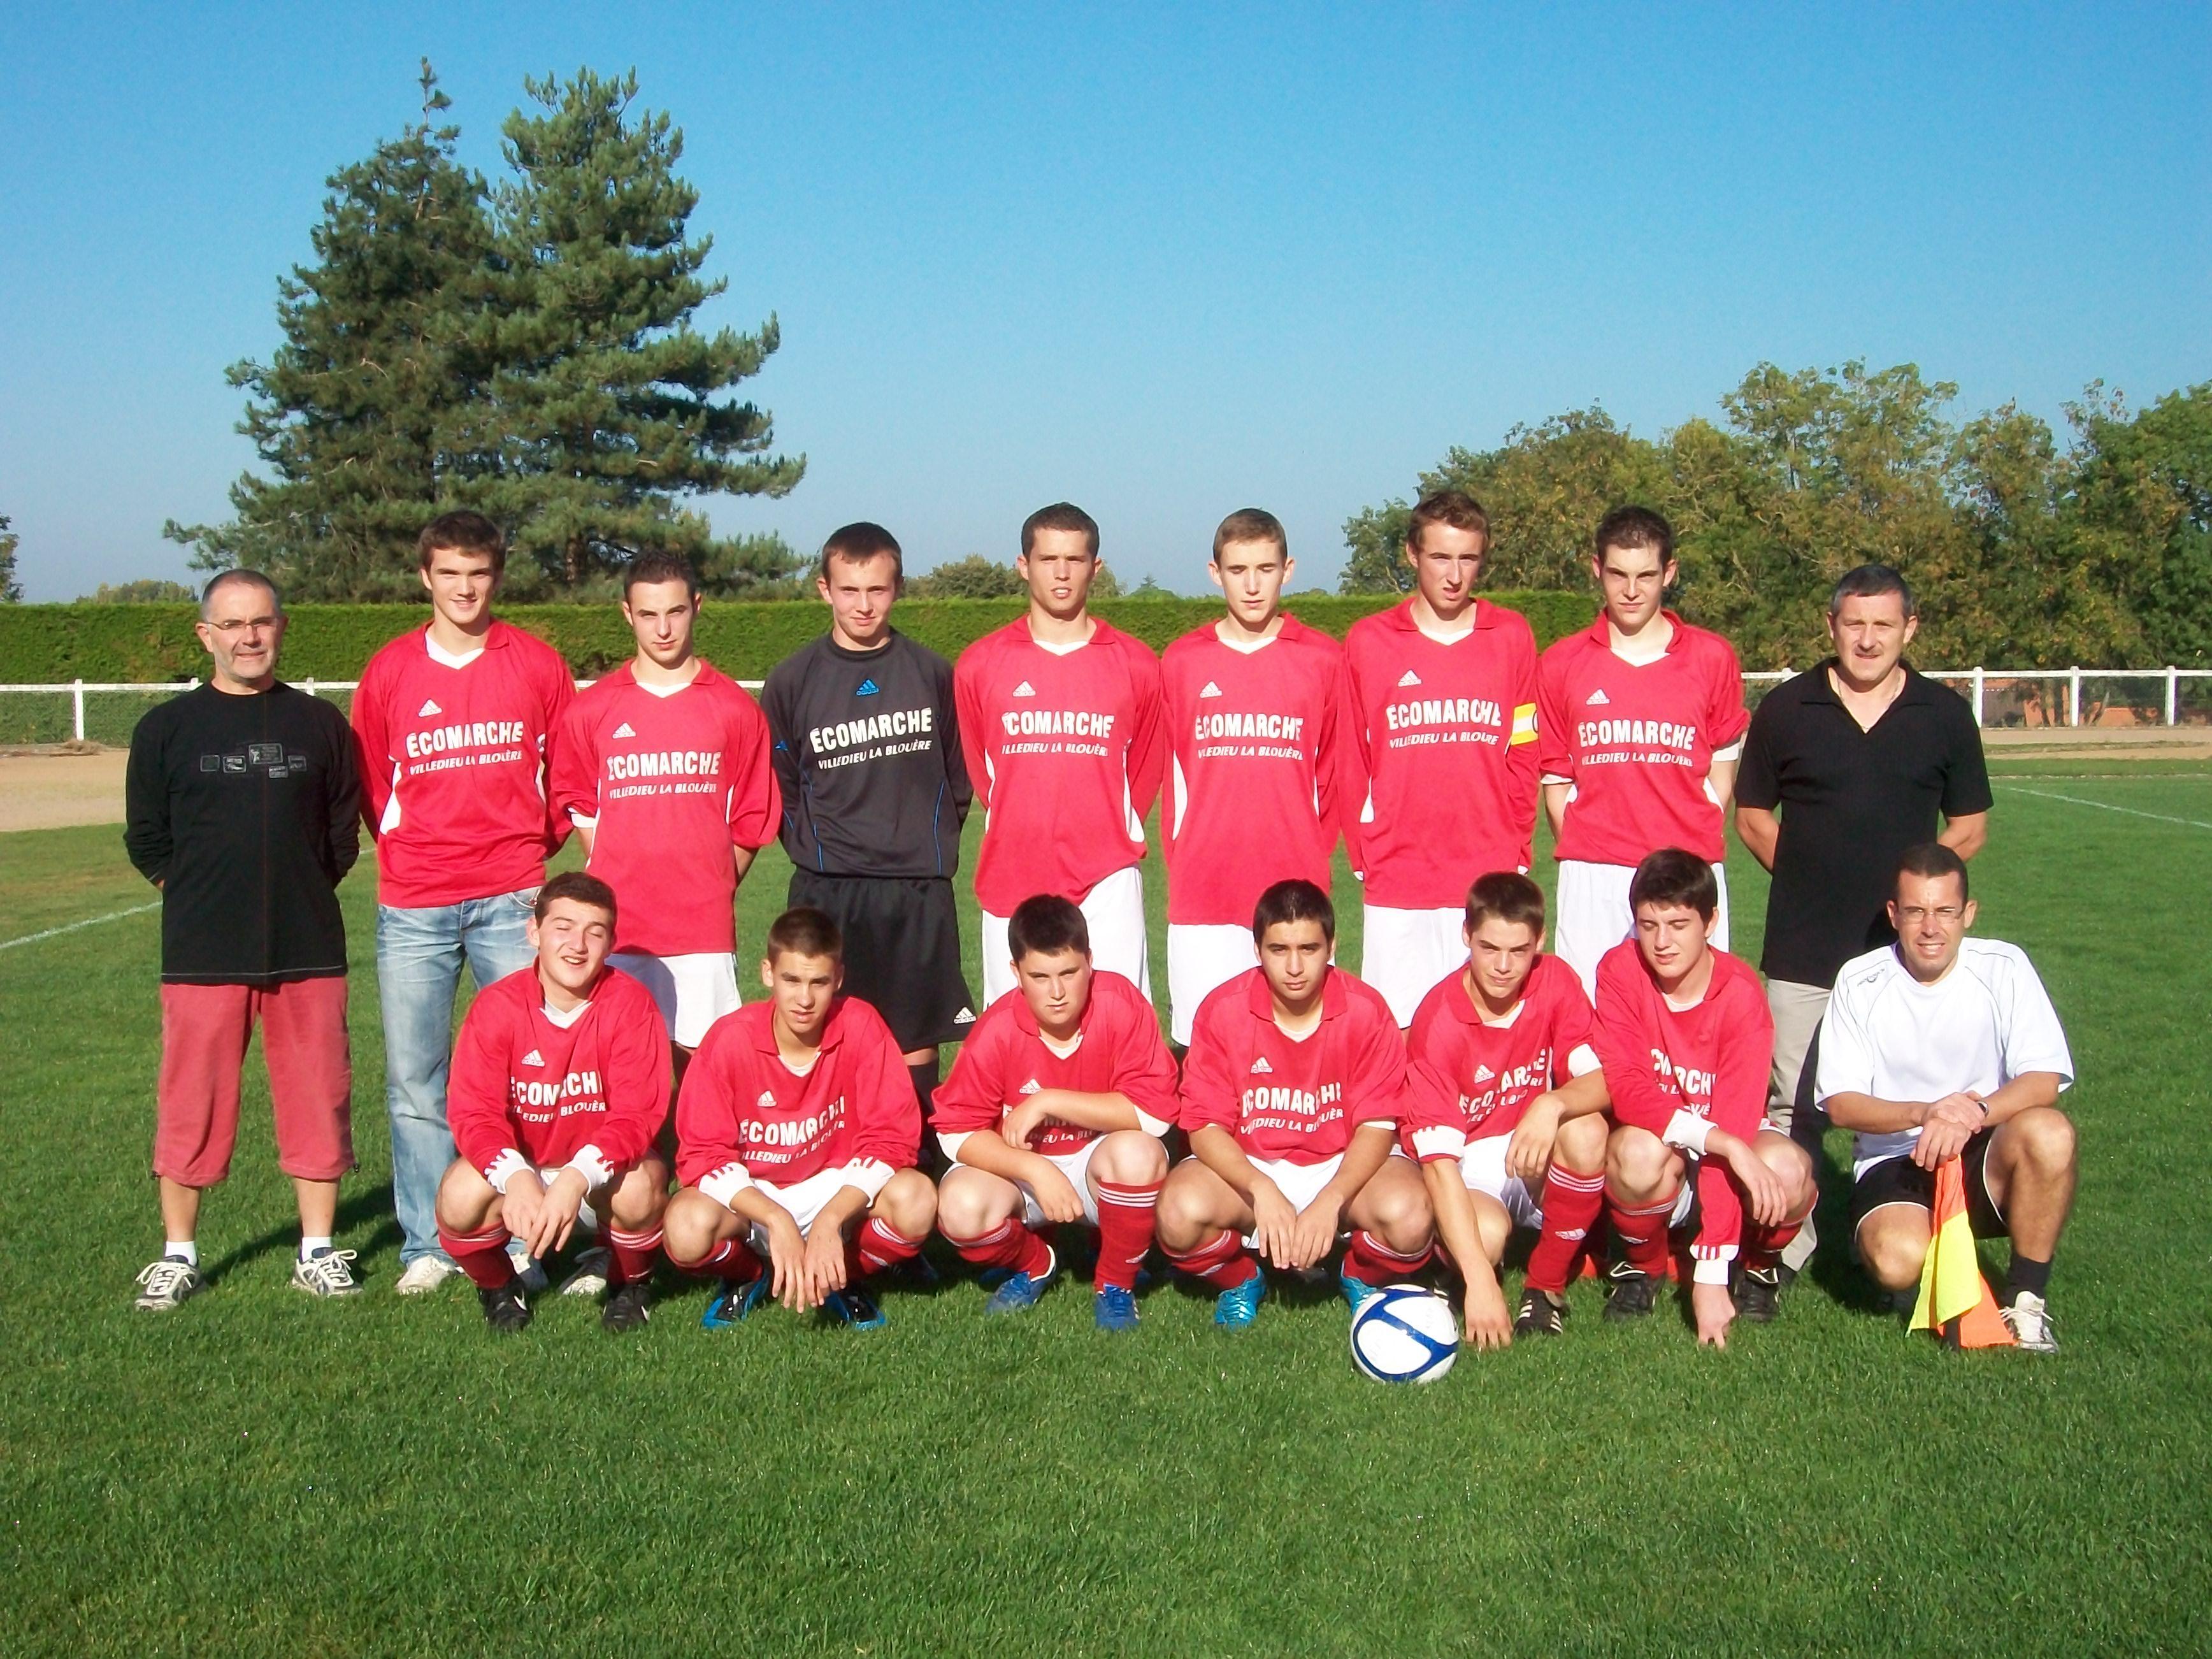 equipe 2011 2012  u19 entente avec fief geste